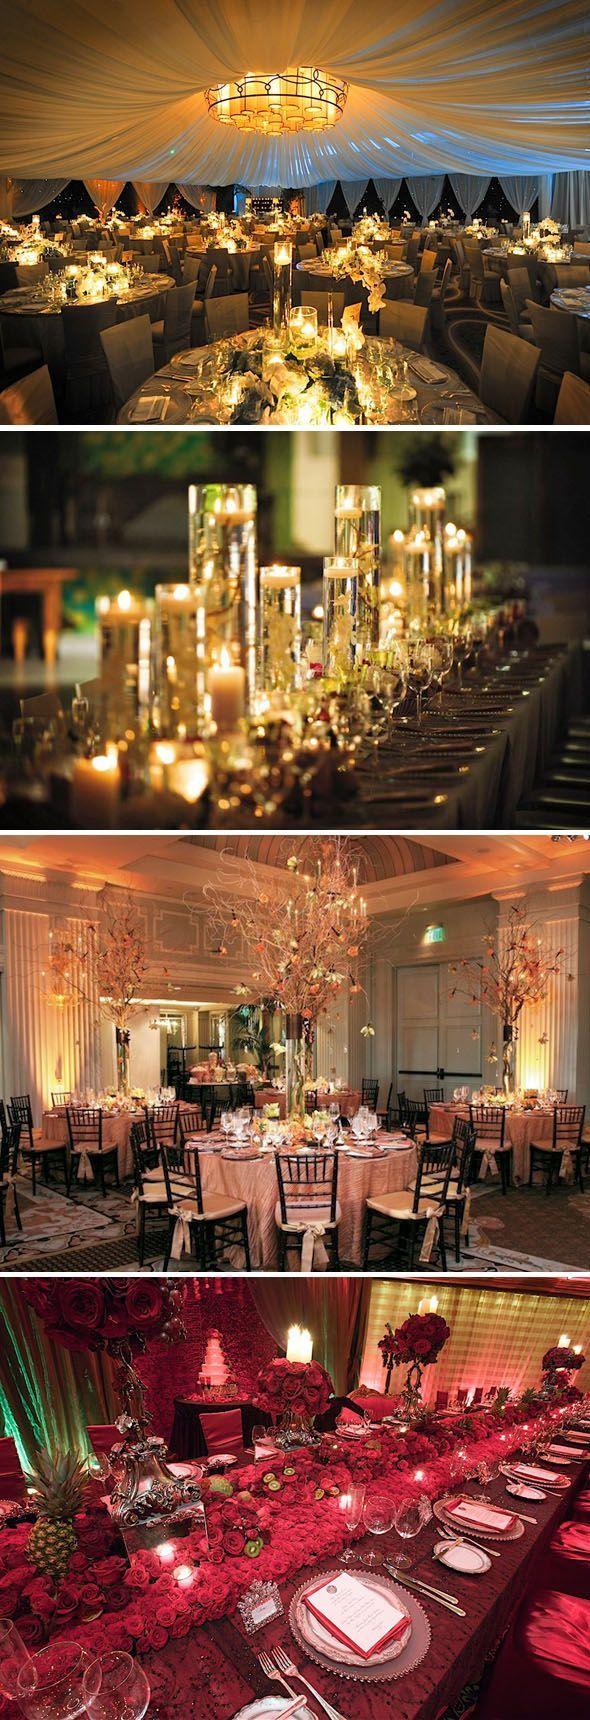 Porque los salones para bodas más elegantes y lujosos están aquí. No te pierdas esta selección y toma buena nota para sorprender a todos tus invitados